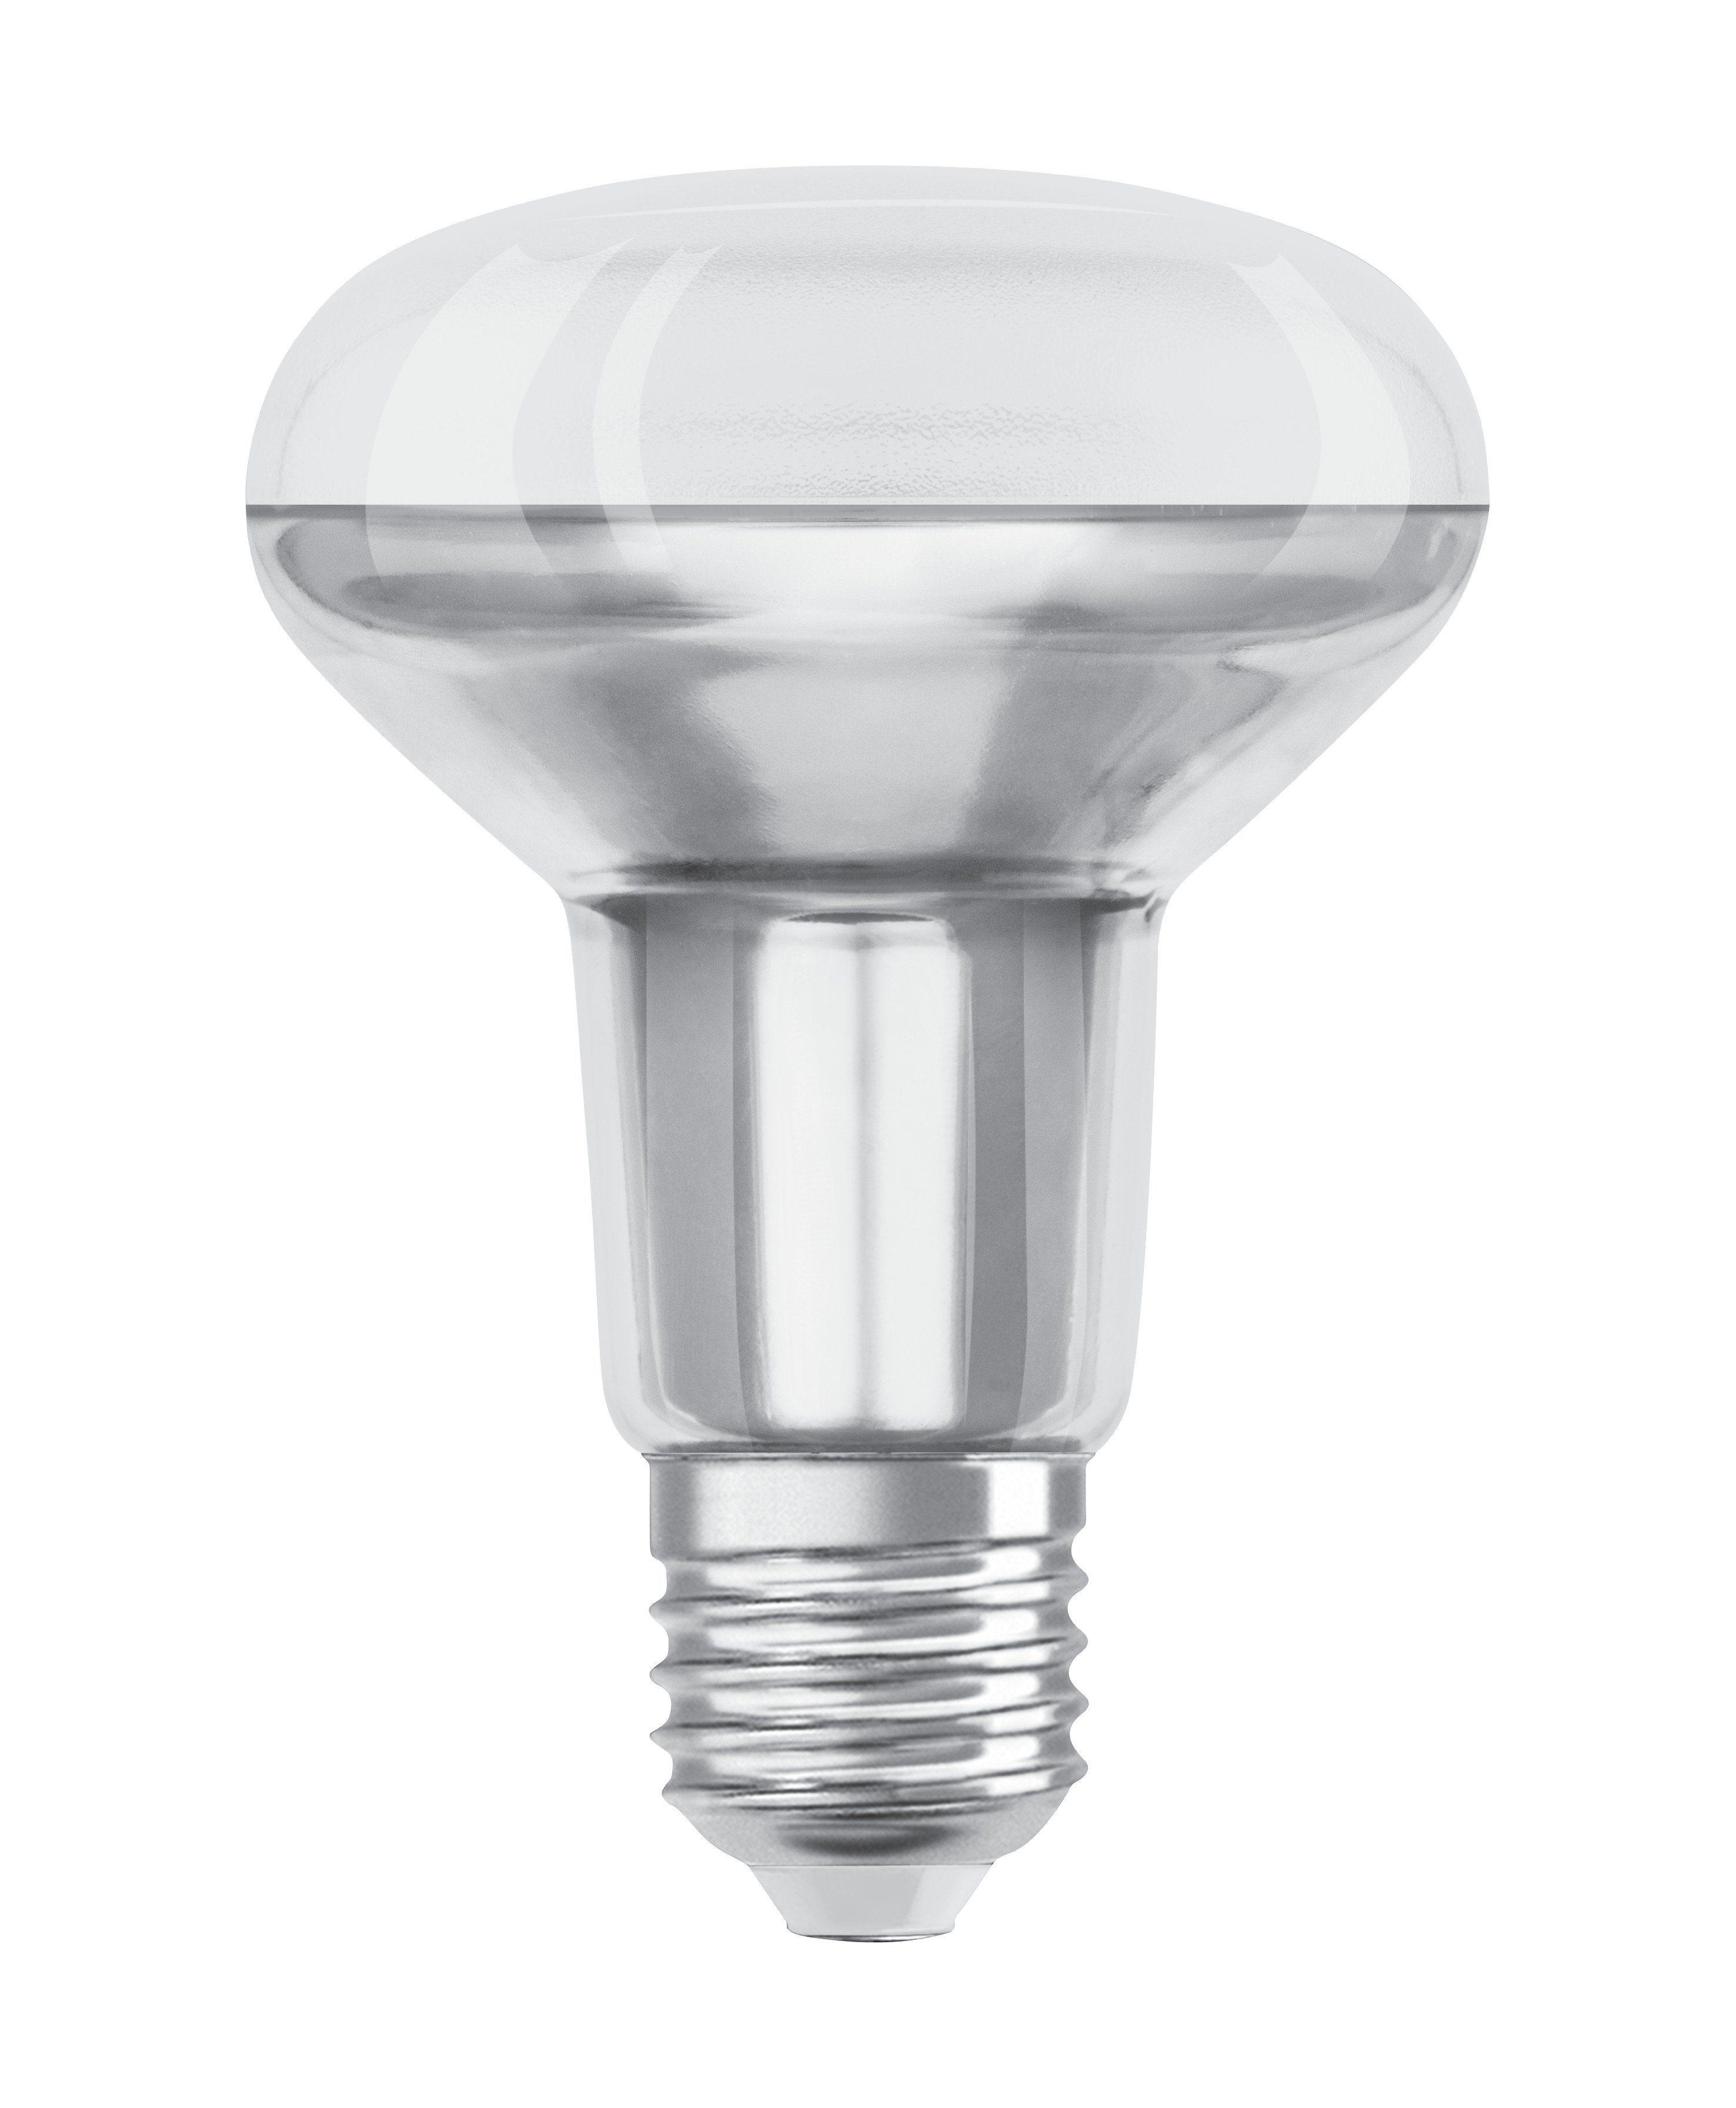 led reflektorlampe e27 preisvergleich die besten angebote online kaufen. Black Bedroom Furniture Sets. Home Design Ideas